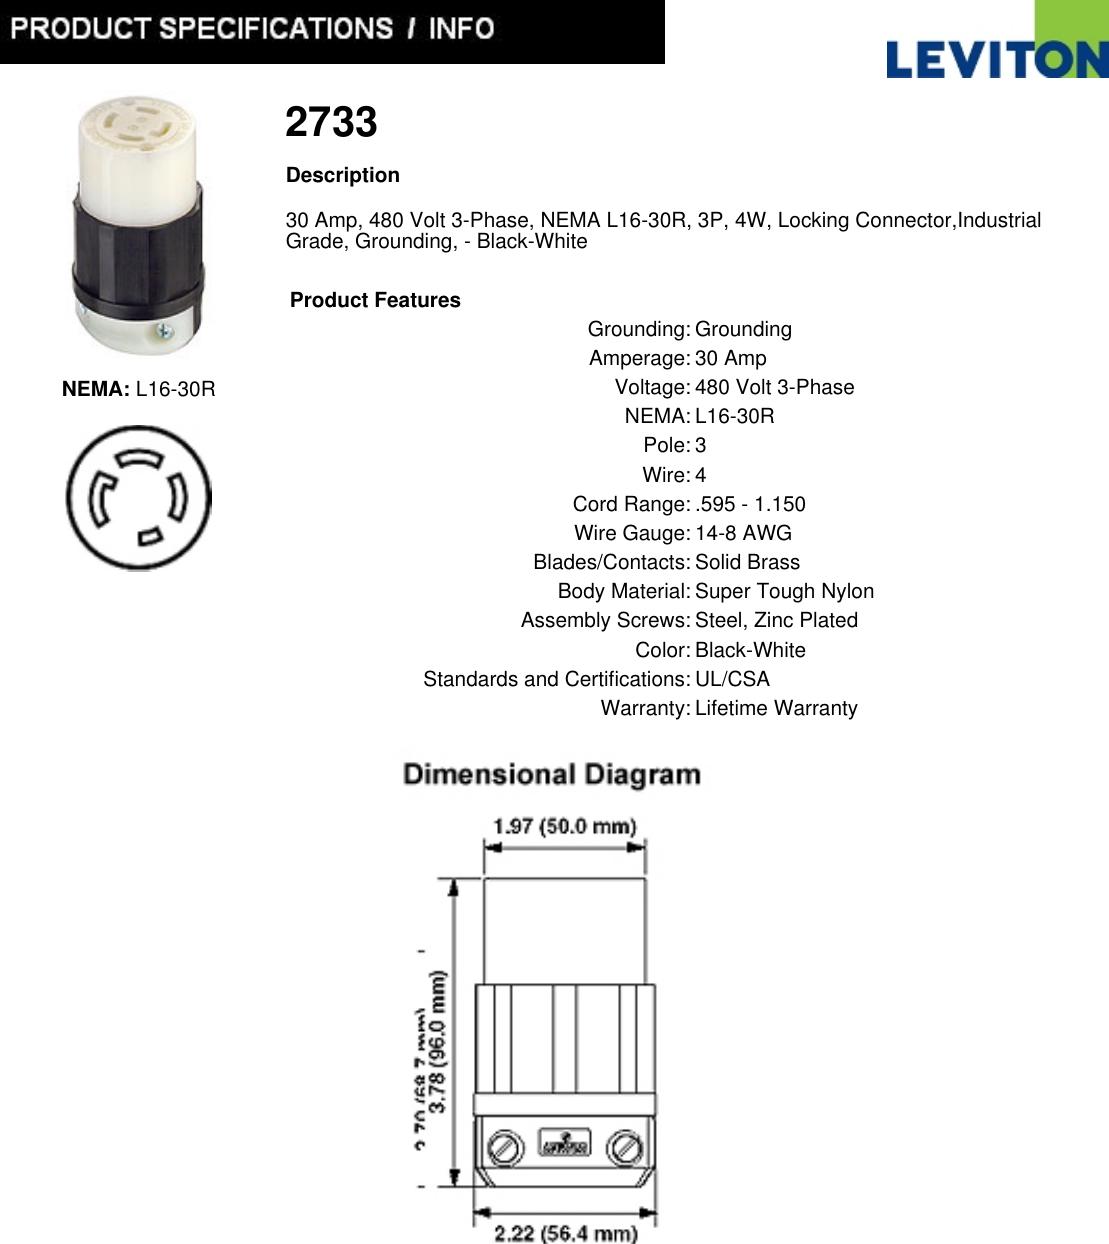 Wiring Diagram Also 480 Volt 3 Phase 30 Plug On 480 Volt Wiring